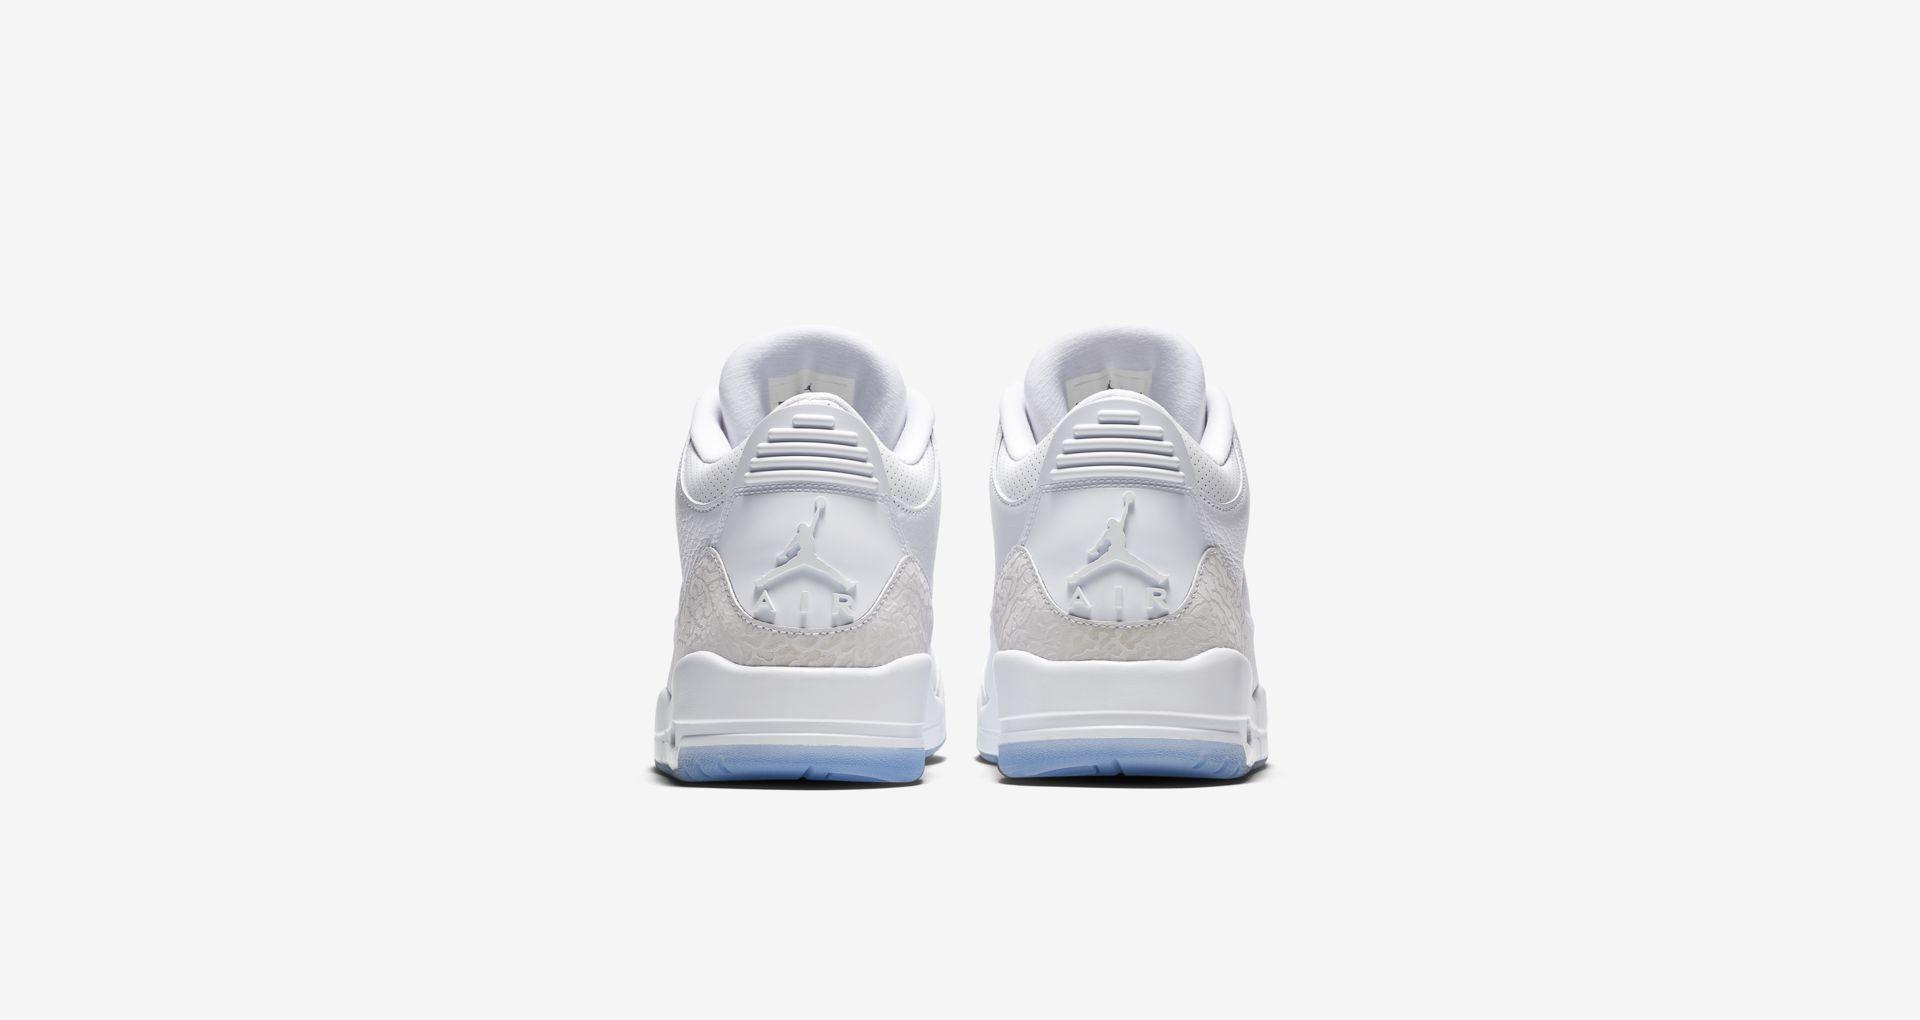 136064 111 Air Jordan 3 Pure White 2